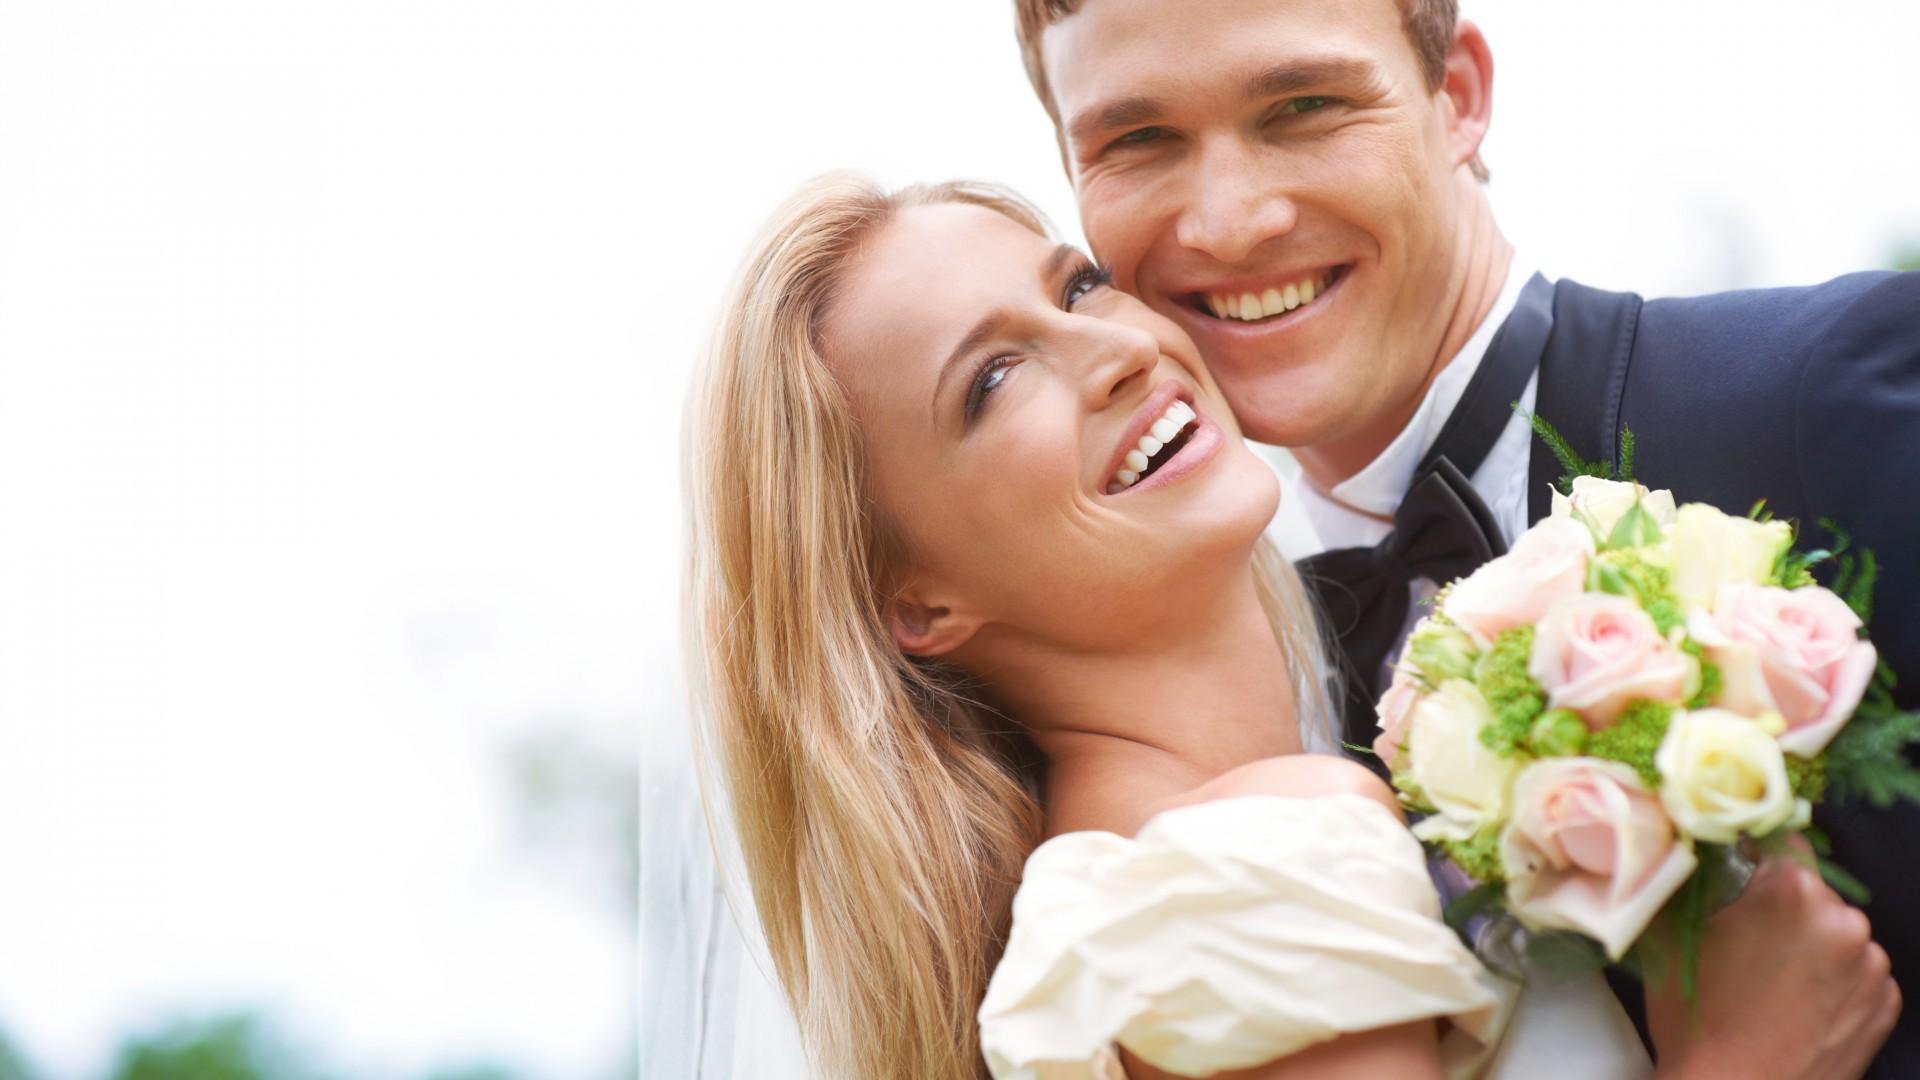 нуждается тебе: обои жених и невеста опилки имеют